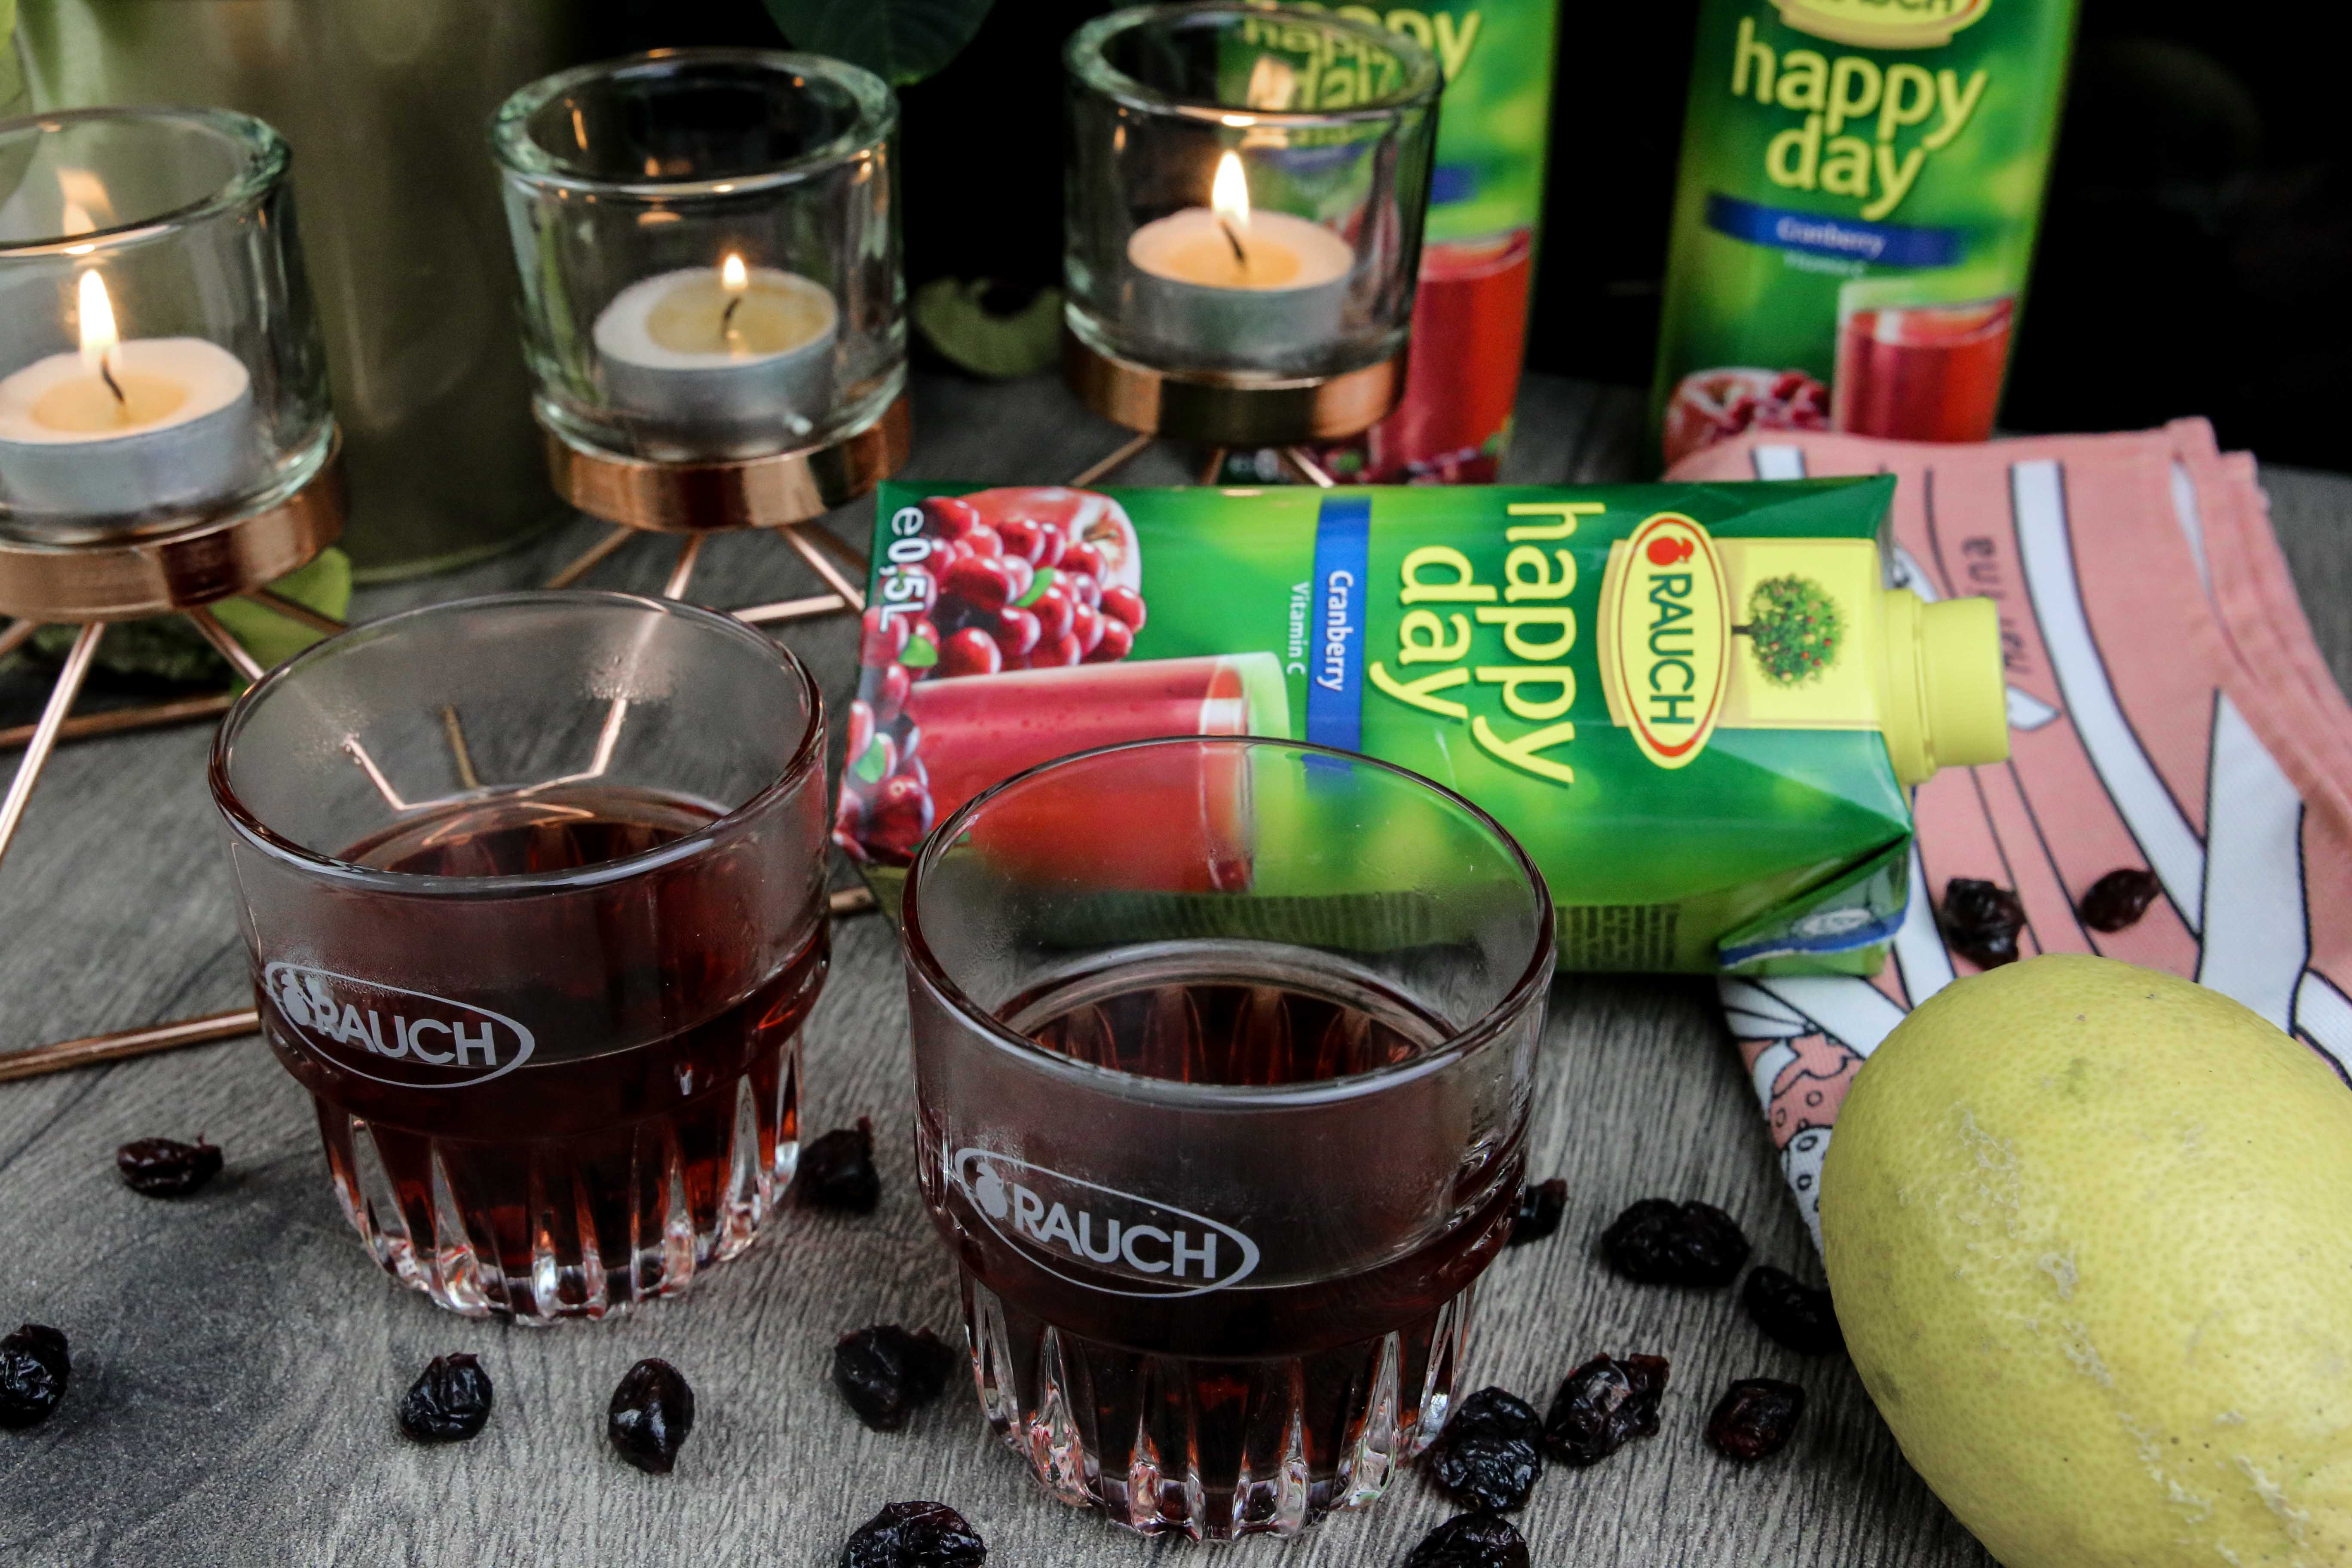 cranberry-punsch-rezept-rauch-happy-day-marina-hoermanseder-weihnachten-adventskalender